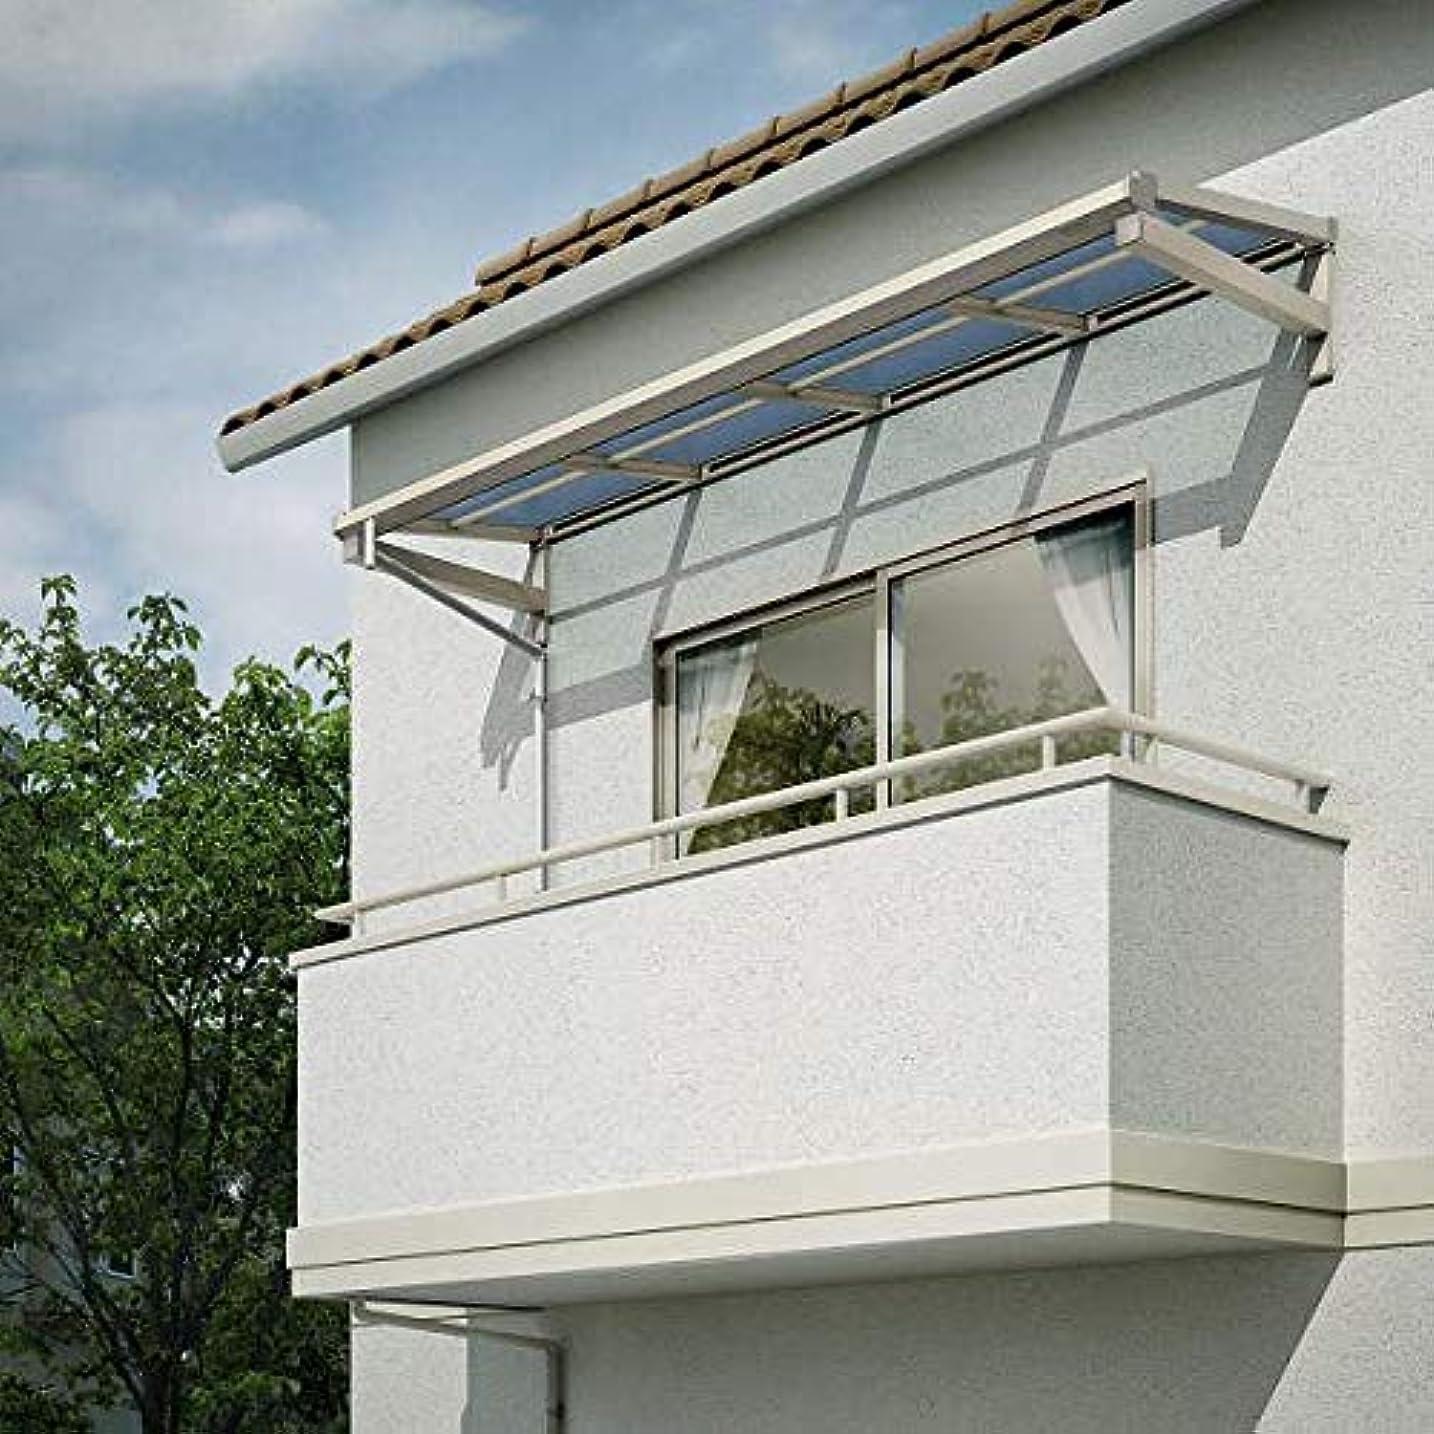 キャラバンマイクロ放映YKKAP 持ち出し屋根 ソラリア 4間×2尺 フラット型 熱線遮断ポリカ屋根 メーターモジュール 600N/m2 プラチナステン